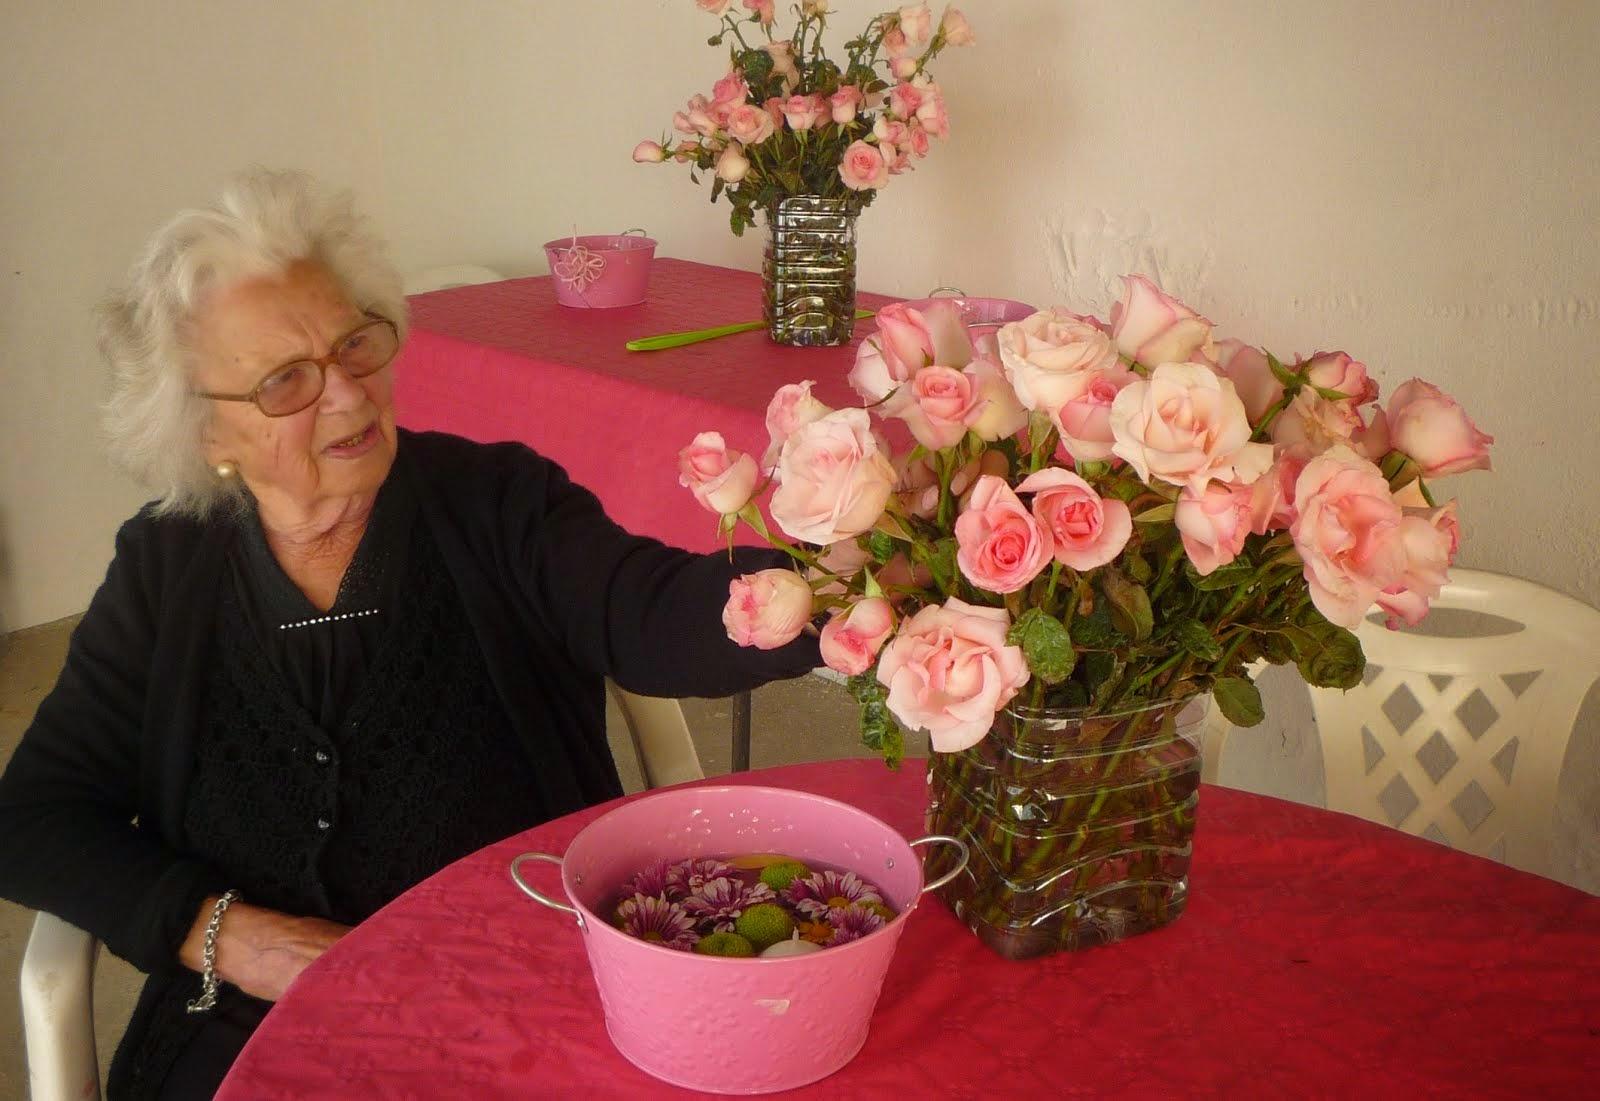 Os 90 anos da minha mãe contemplando as 90 rosas ....